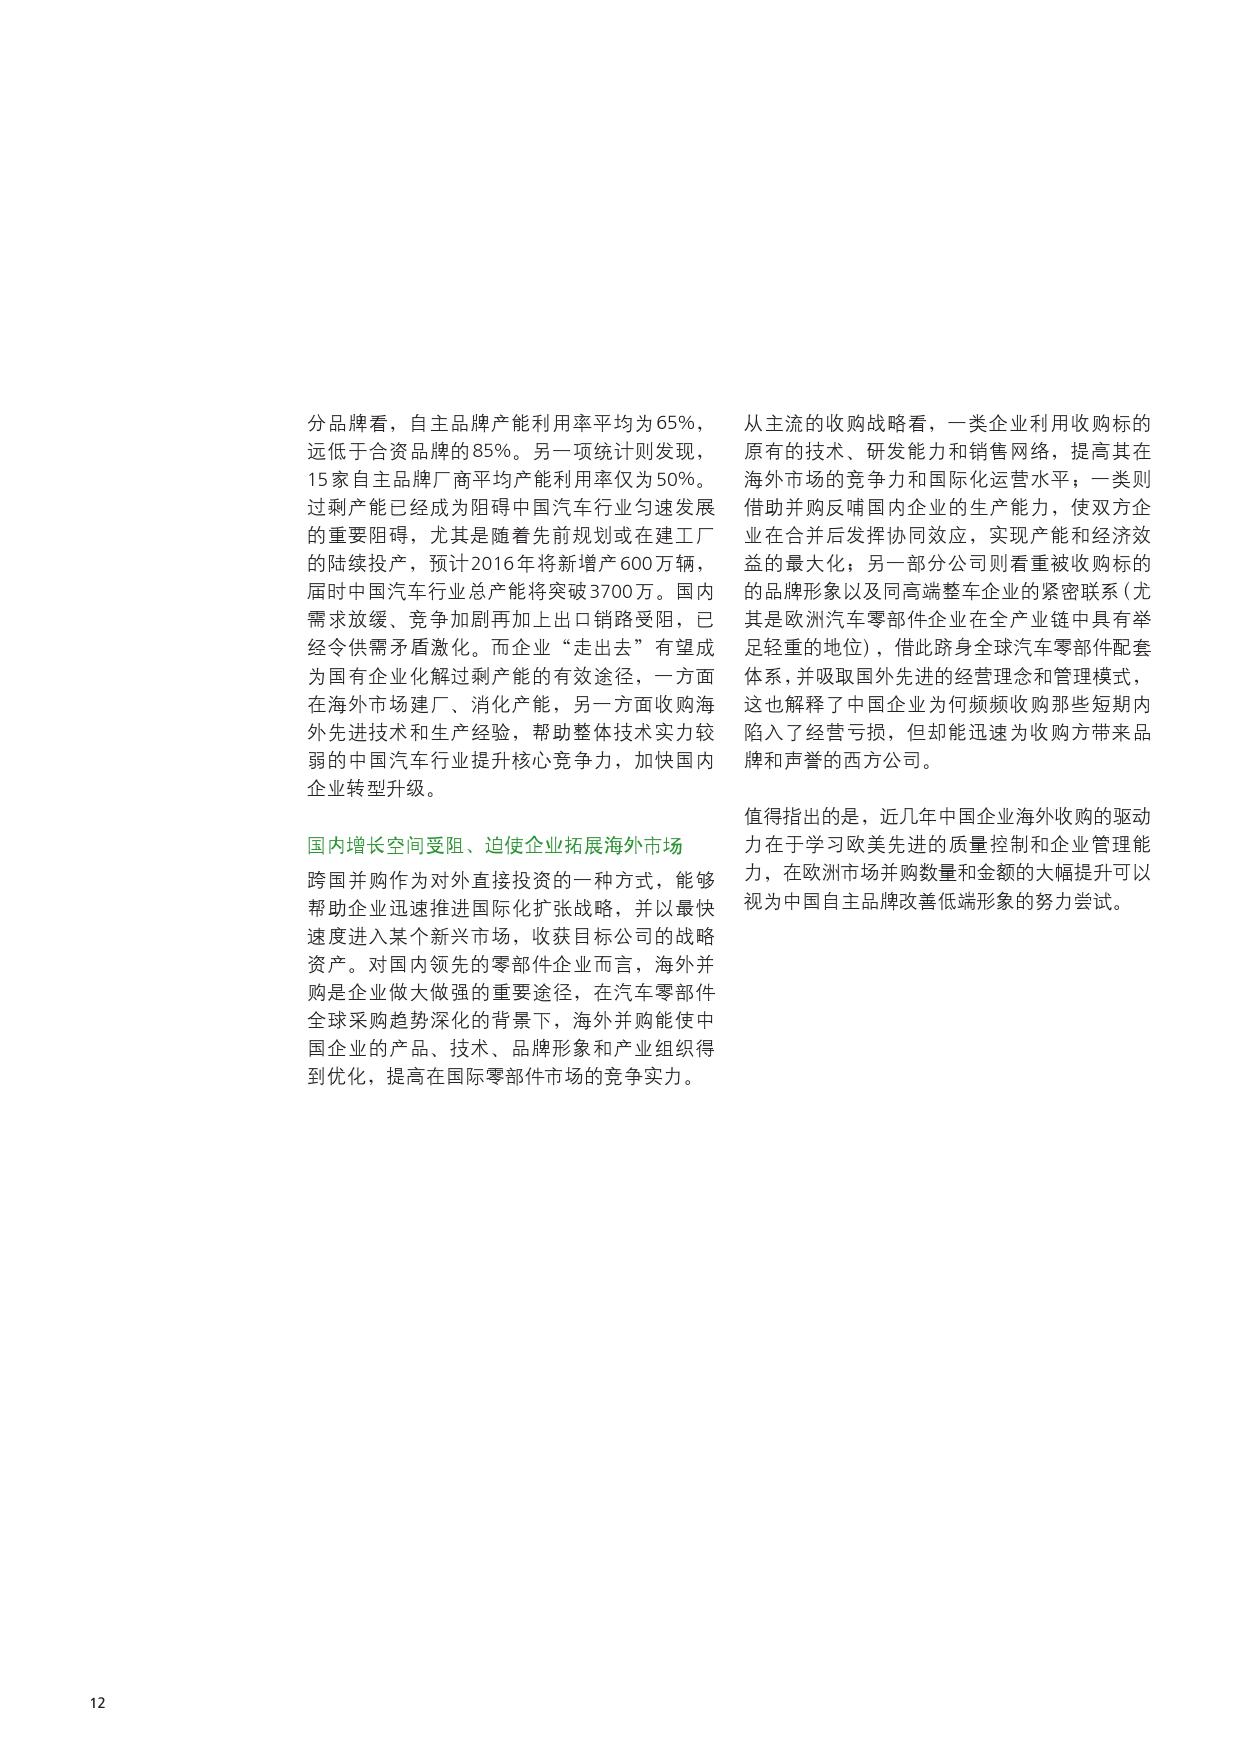 2016中国汽车行业对外投资报告_000014